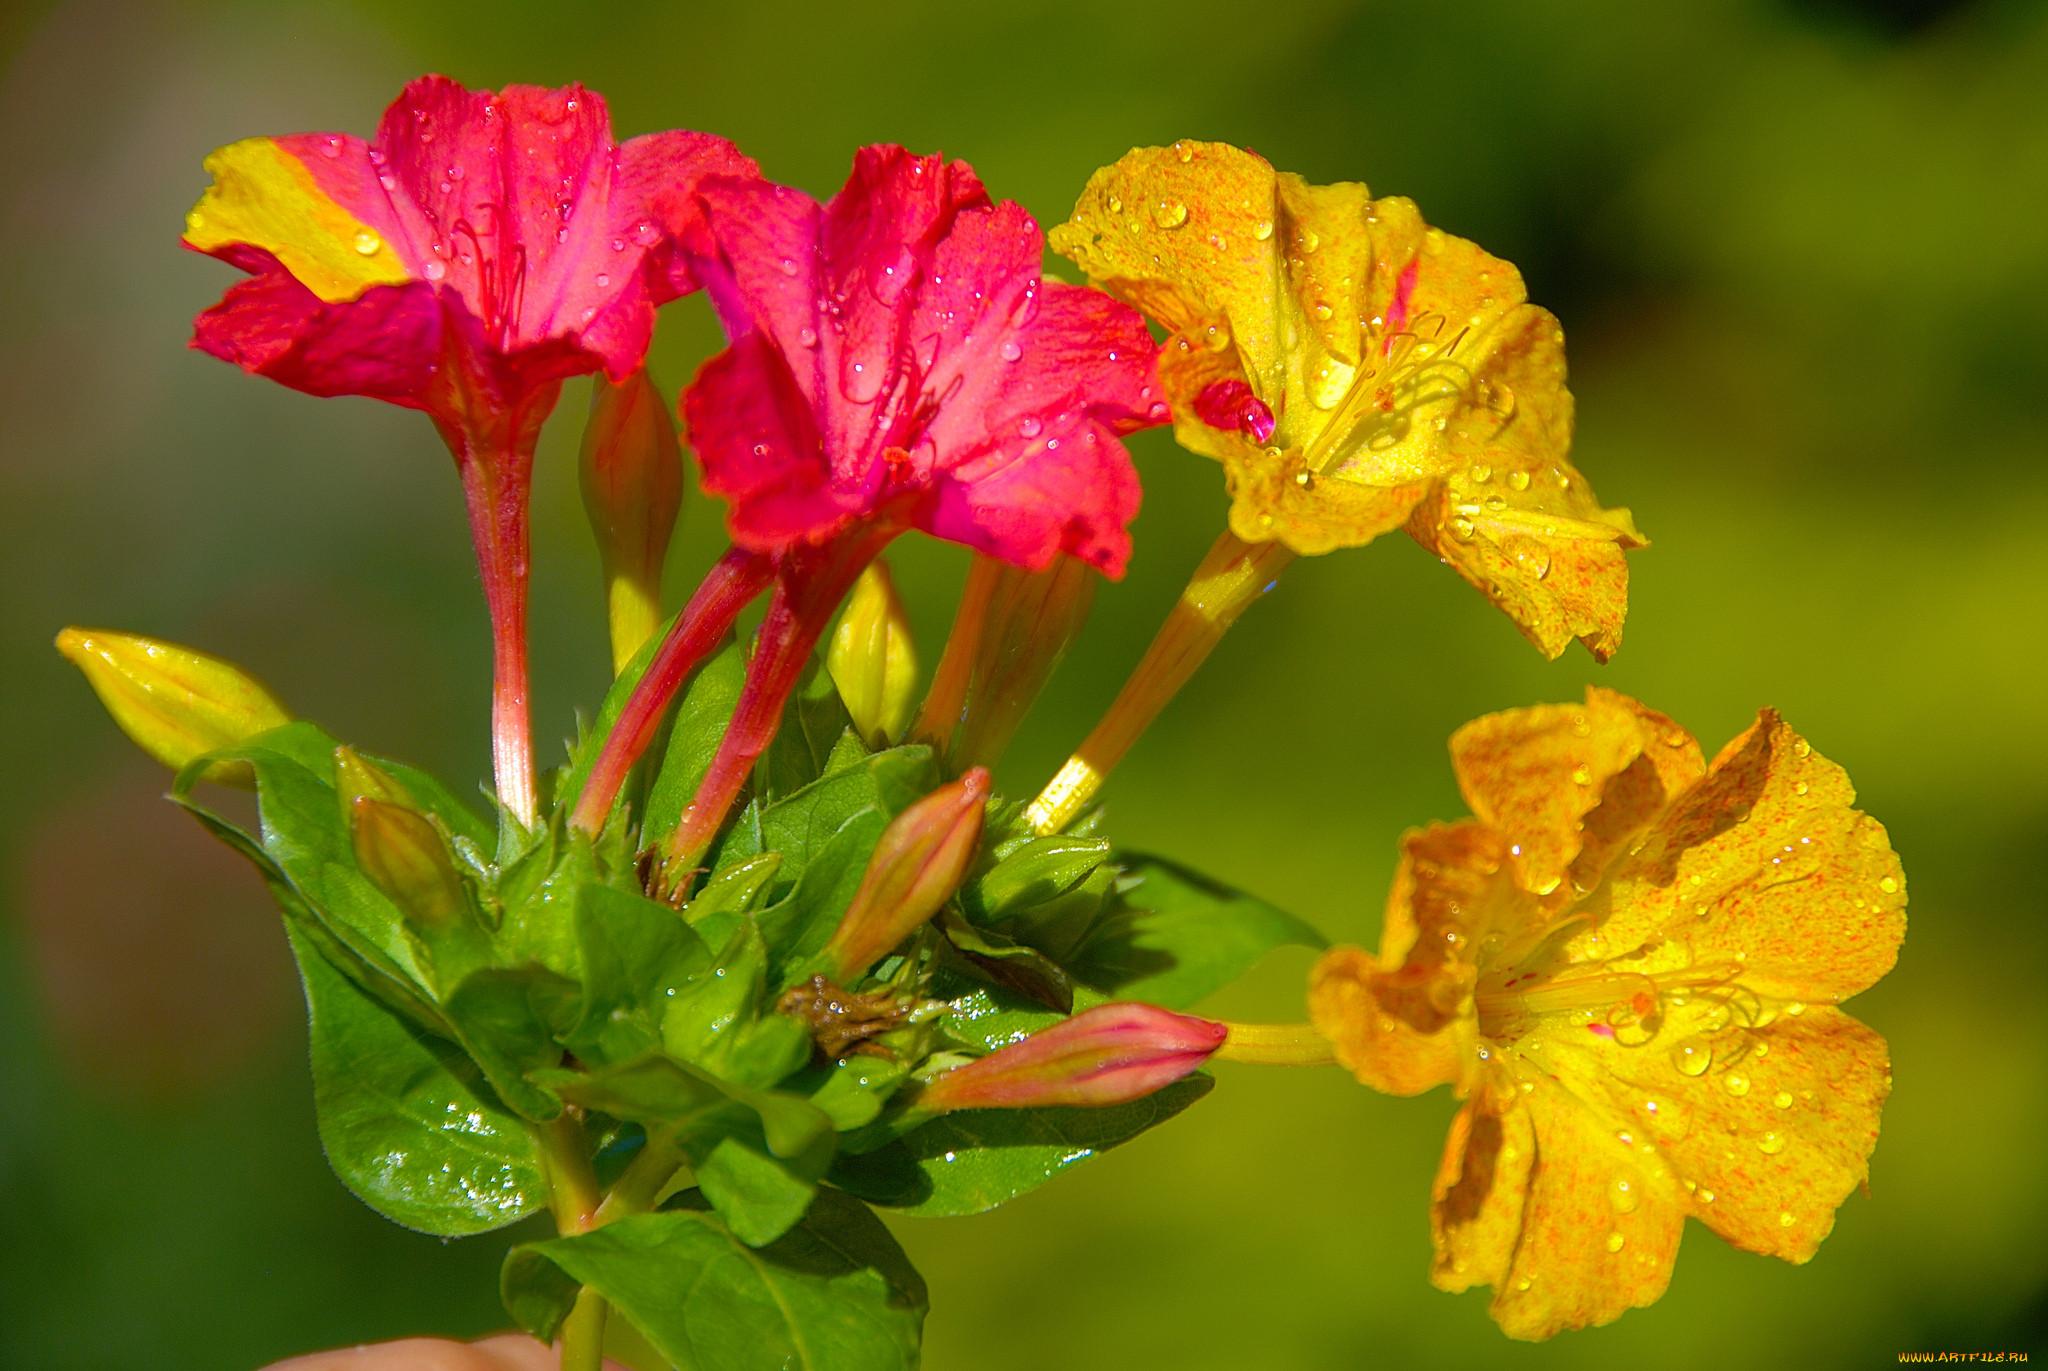 воздушные цветок утренняя зорька фото юмором